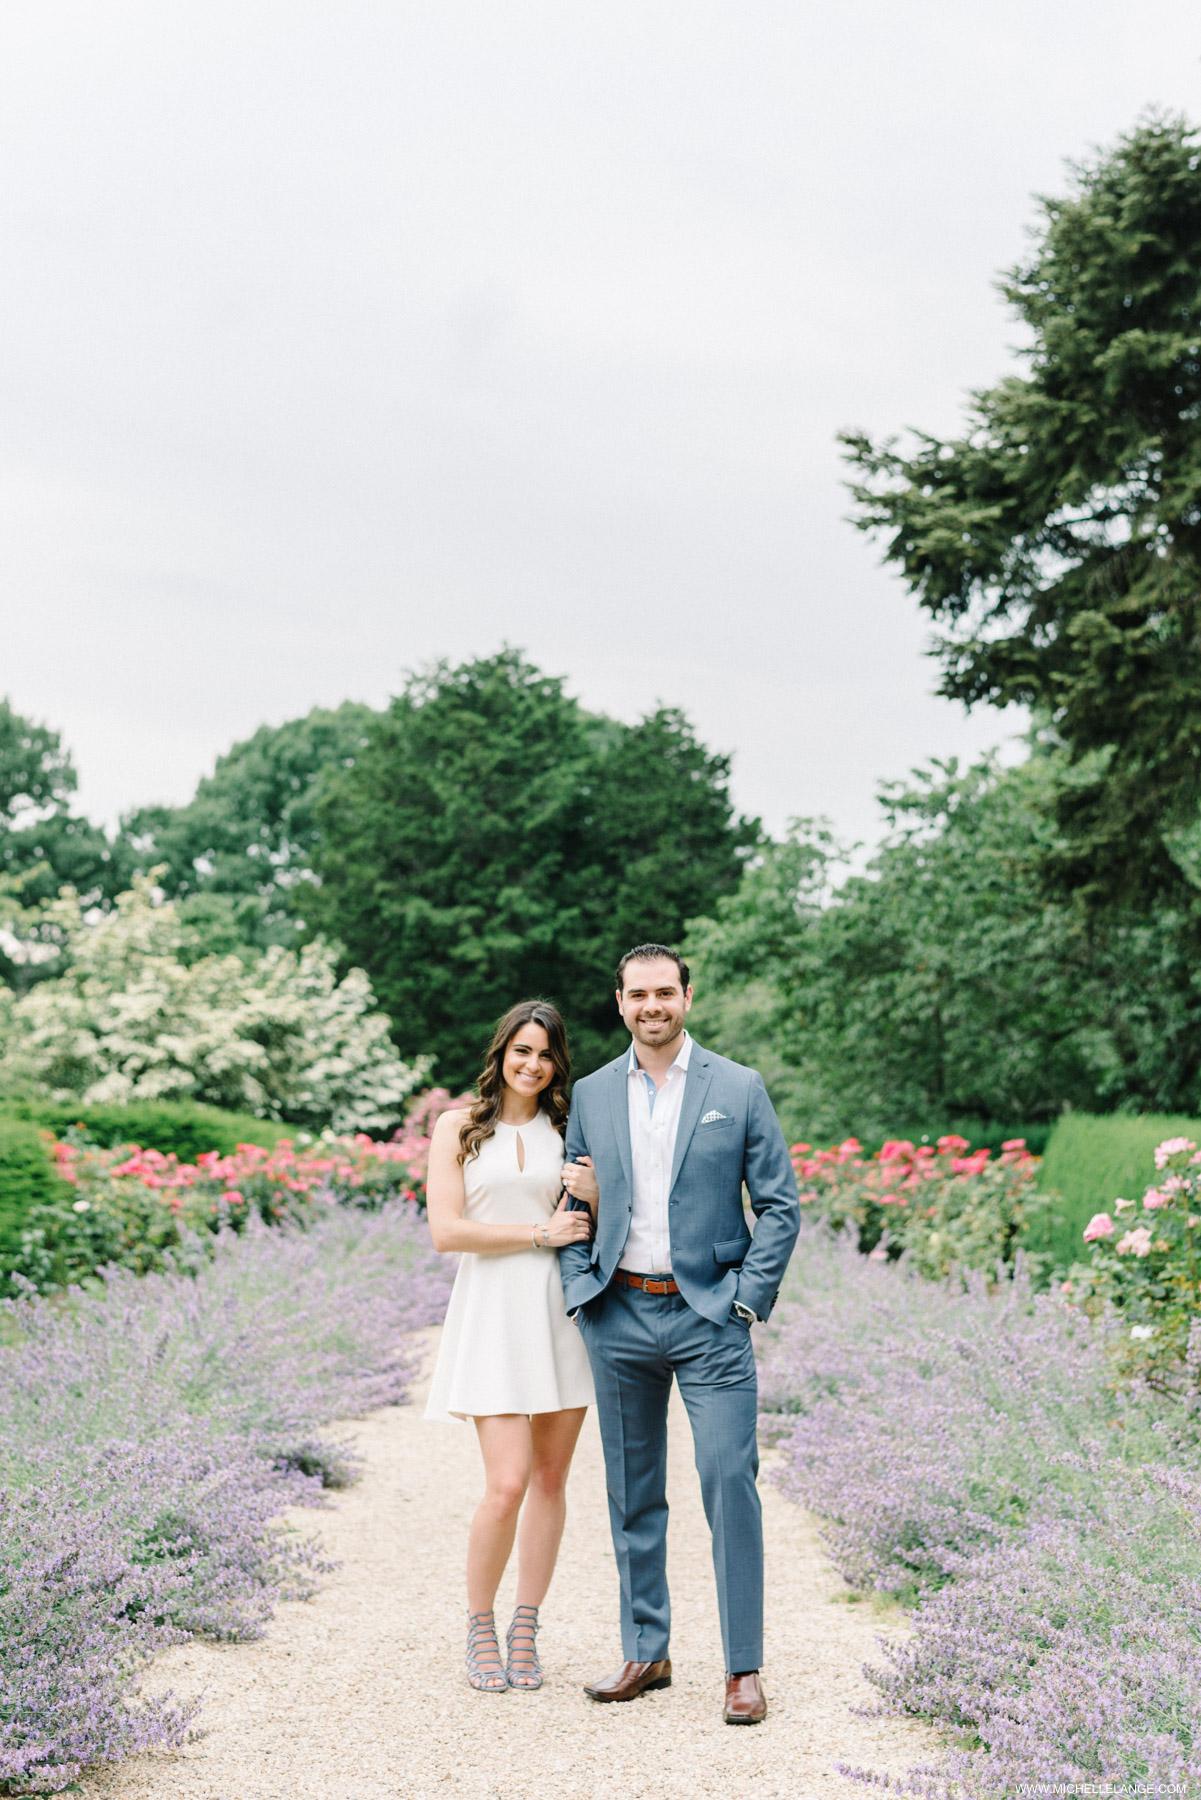 NY Engagement Photographer-1.jpg